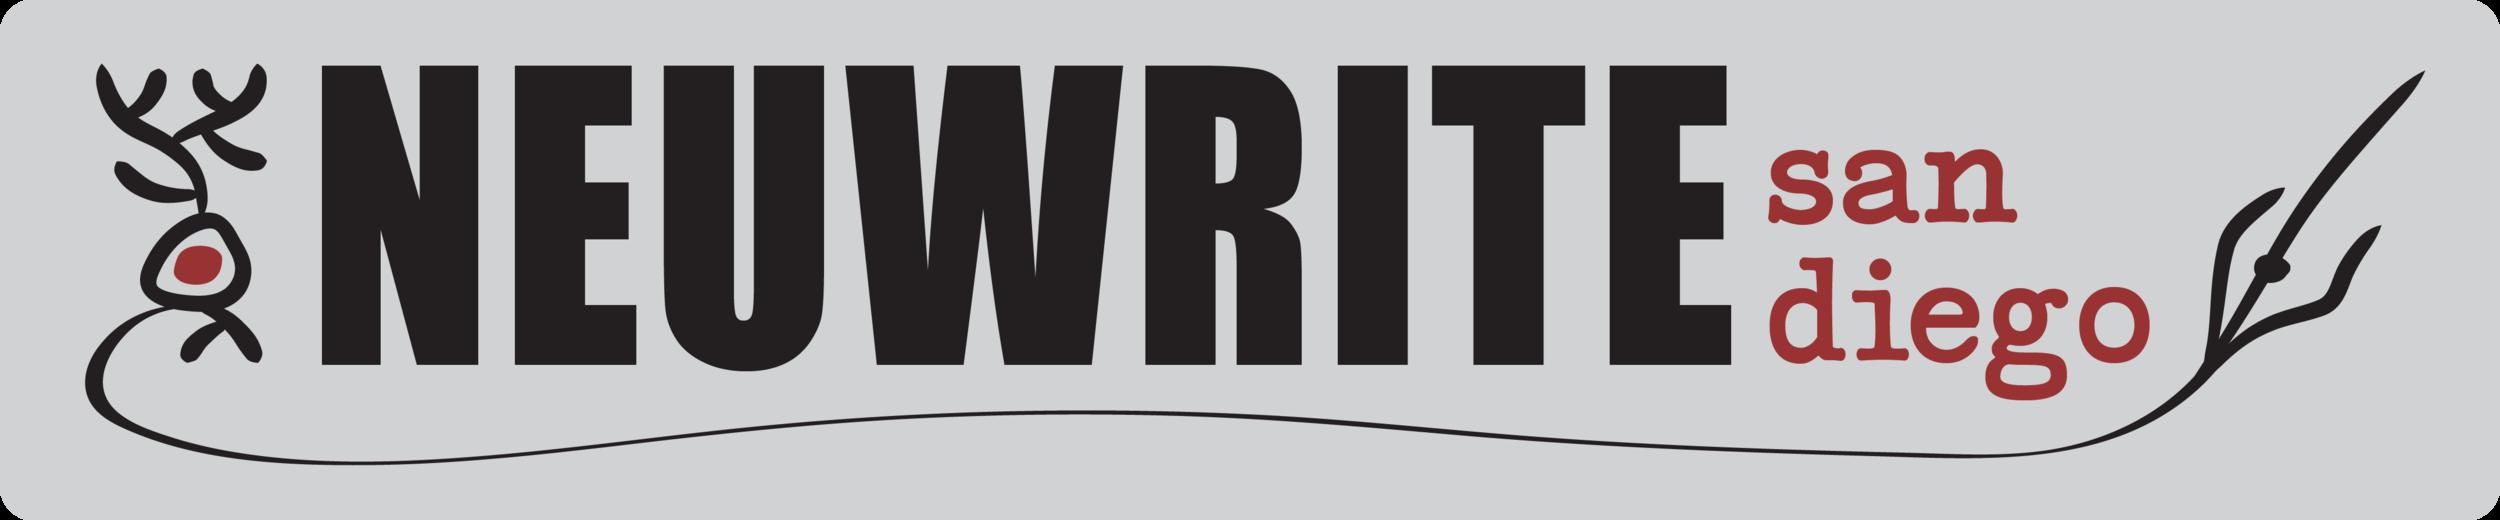 neuwrite_logo_final.png